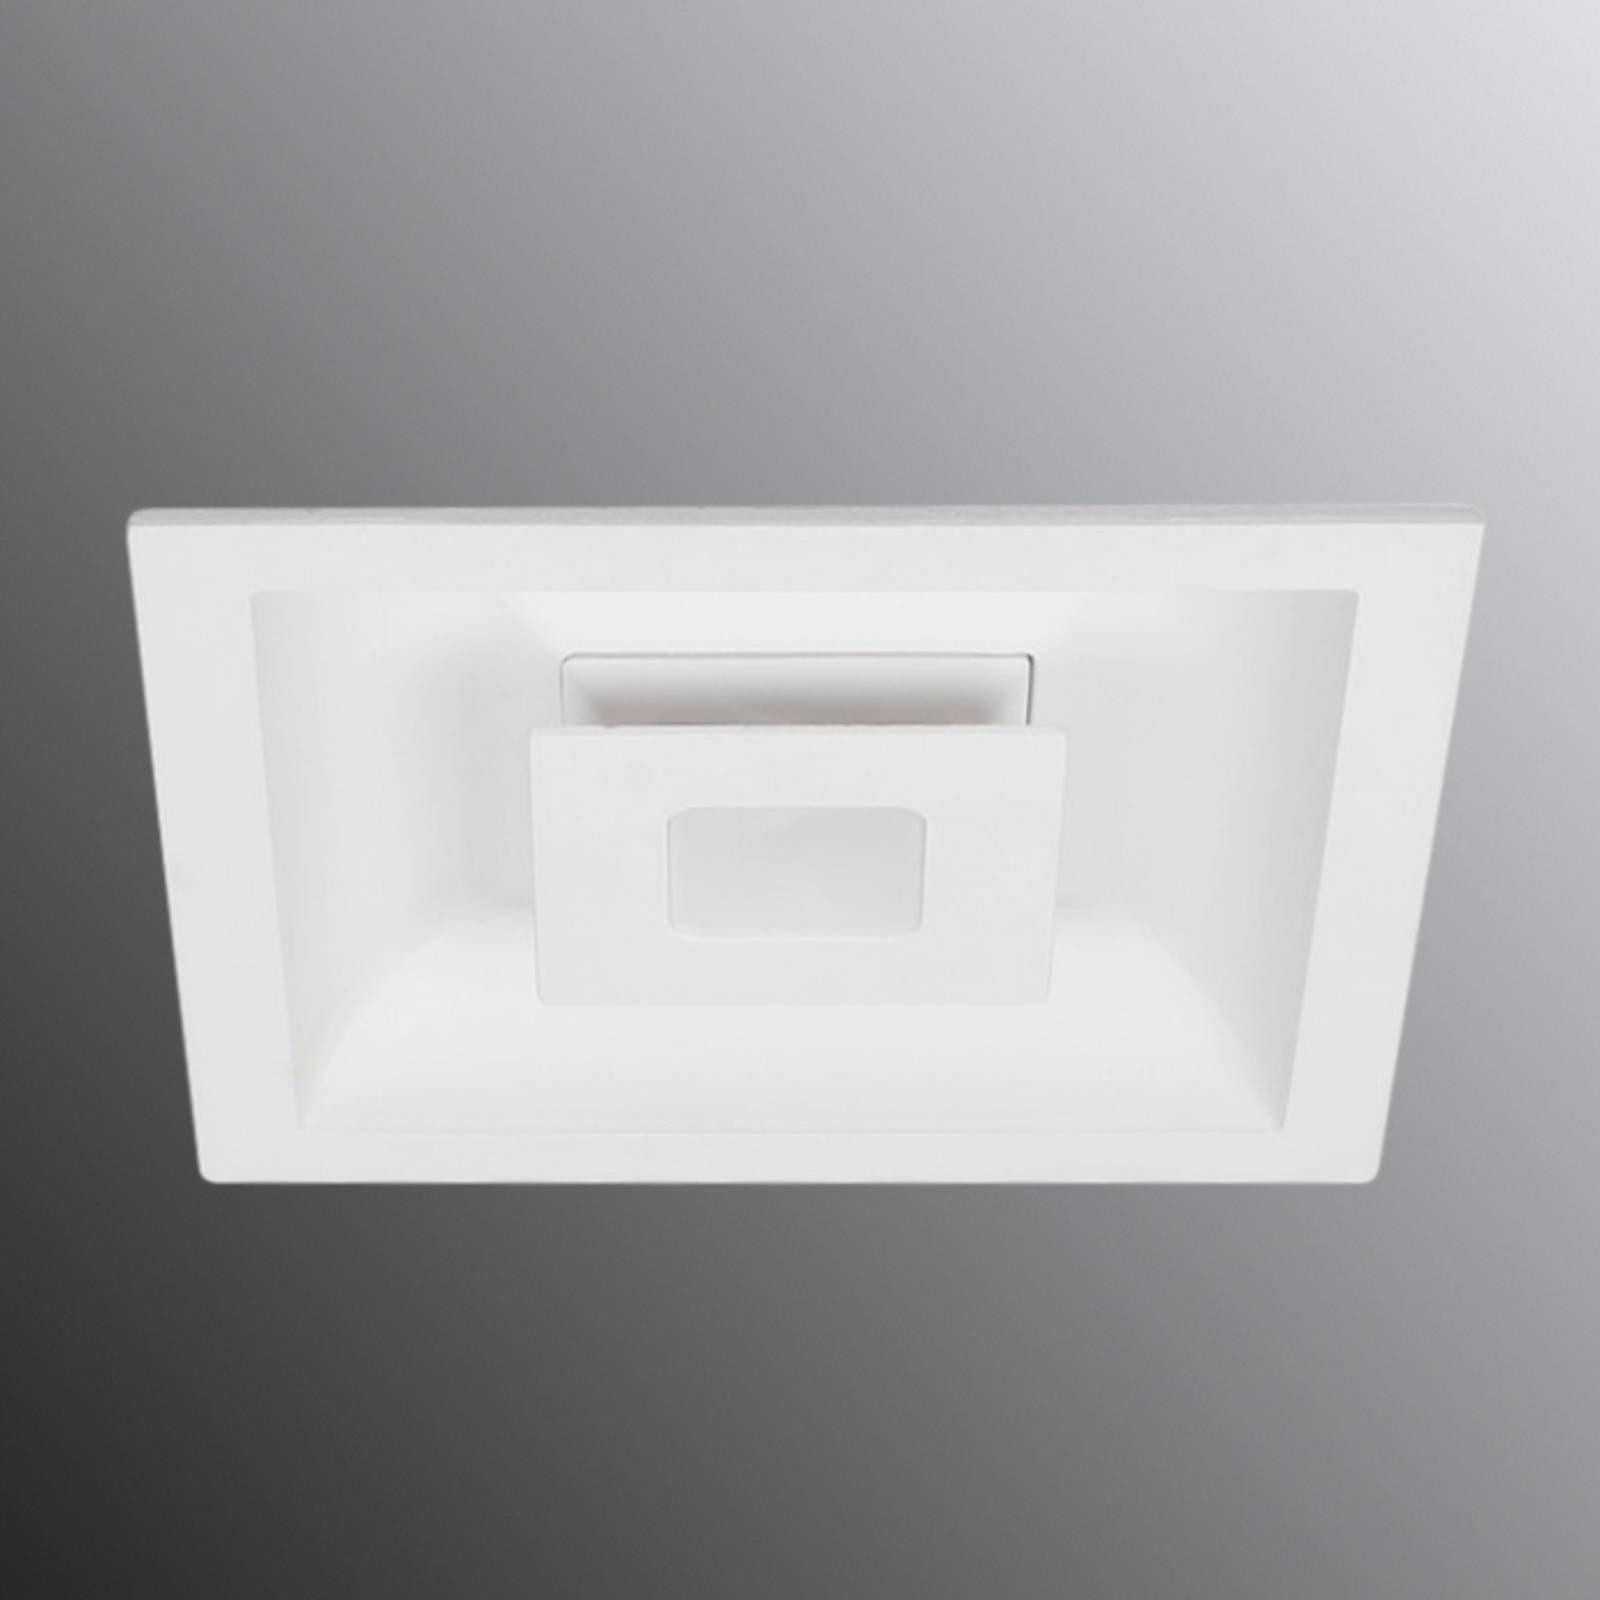 LED-taklampe for innbygging Eclipse med 2 LED